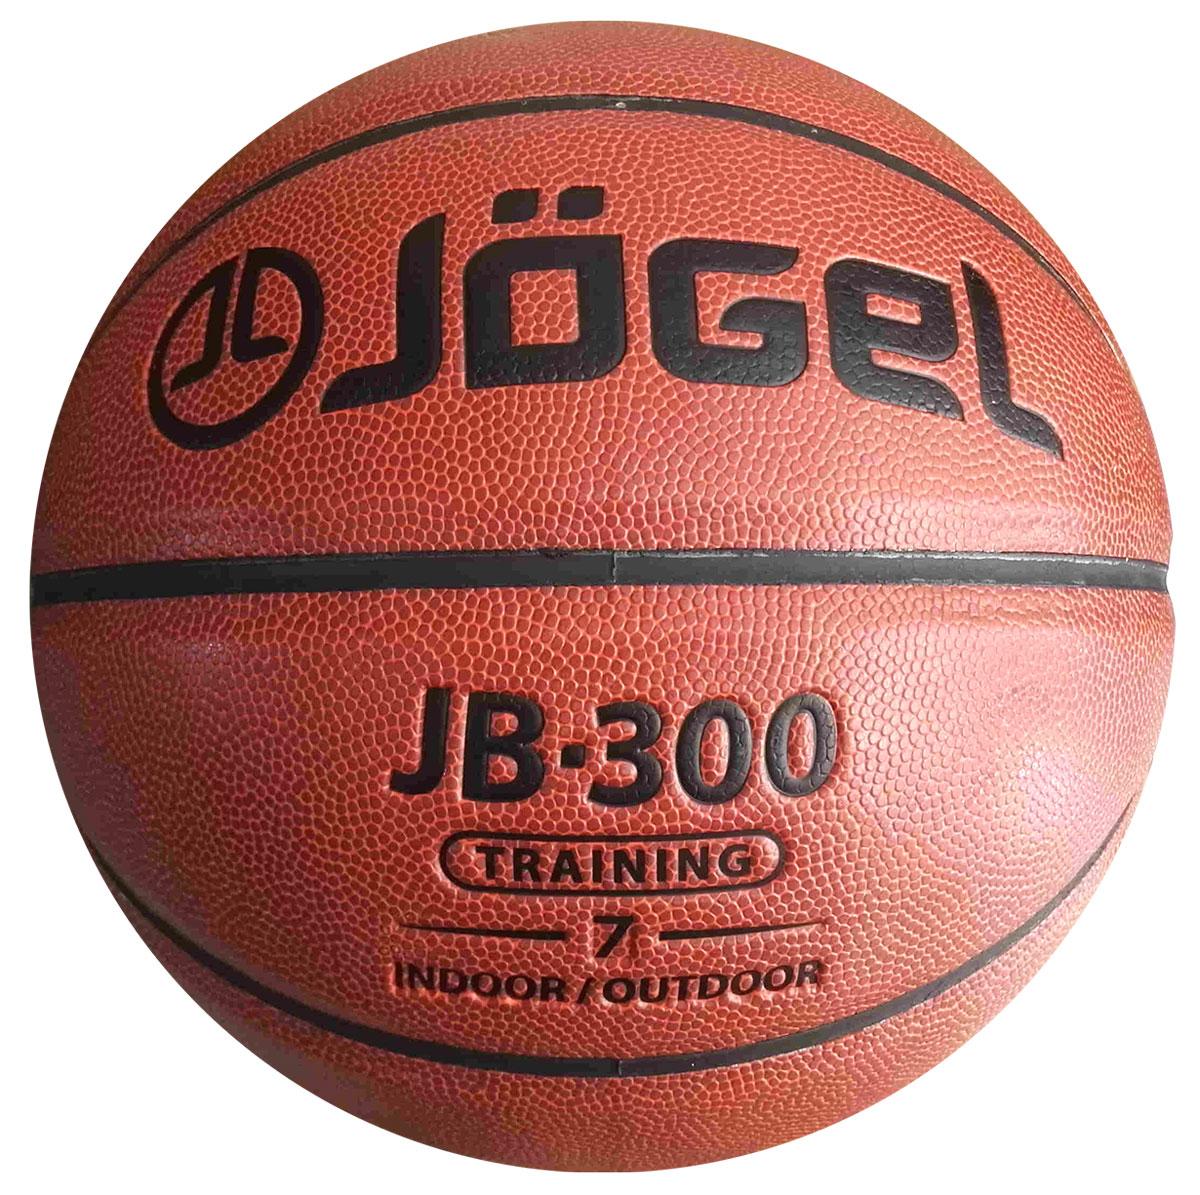 Мяч баскетбольный Jogel, цвет: коричневый. Размер 7. JB-300УТ-00009327Классический резиновый баскетбольный мяч Jogel часто используется в уличном баскетболе, учебных заведениях и СДЮШ.Покрышка мяча выполнена из из композитного материала, поэтому с мячом можно играть на любой поверхности, как в зале, так и на улице. В создании мячей используется технология DeepChannel (глубокие каналы), благодаря которой достигается отличный контроль мяча во время броска и дриблинга.Камера выполнена из бутила.Мяч баскетбольный рекомендован для любительской игры, тренировок команд среднего уровня и любительских команд.Вес: 567-650 гр.Длина окружности: 75-78 см.Рекомендованное давление: 0.5-0.6 бар.УВАЖАЕМЫЕ КЛИЕНТЫ!Обращаем ваше внимание на тот факт, что мяч поставляется в сдутом виде. Насос в комплект не входит.